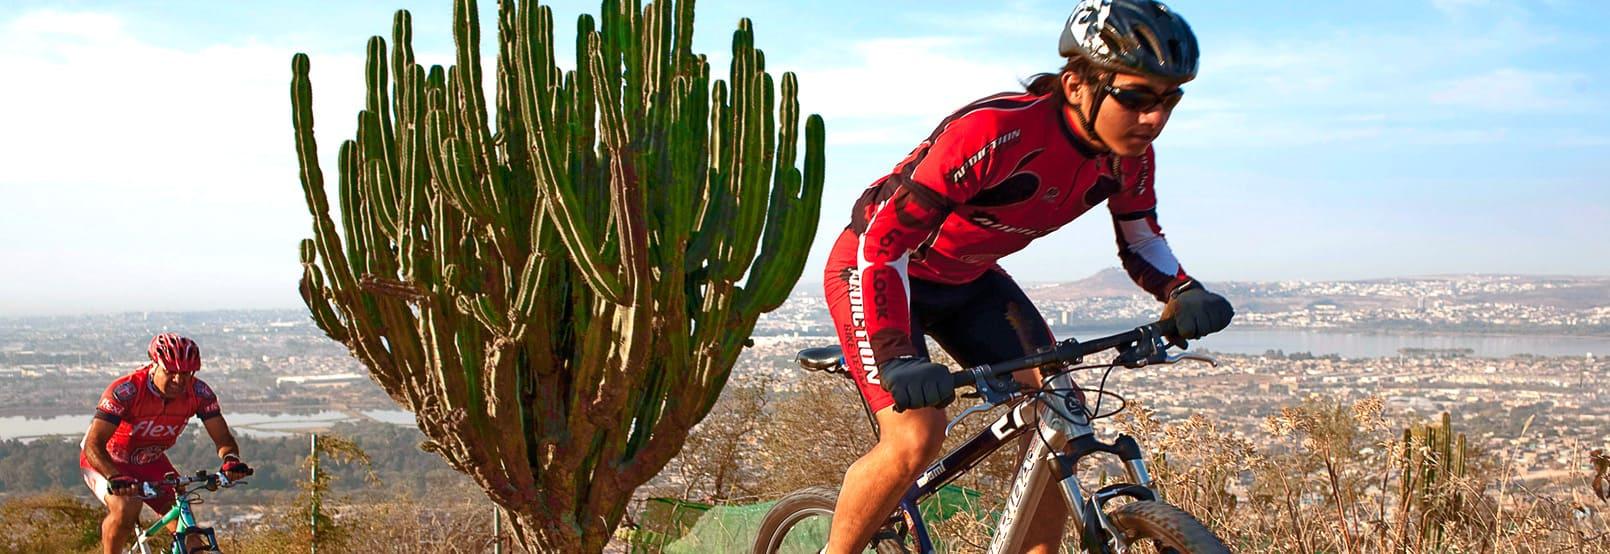 Cycling in Guanajuato